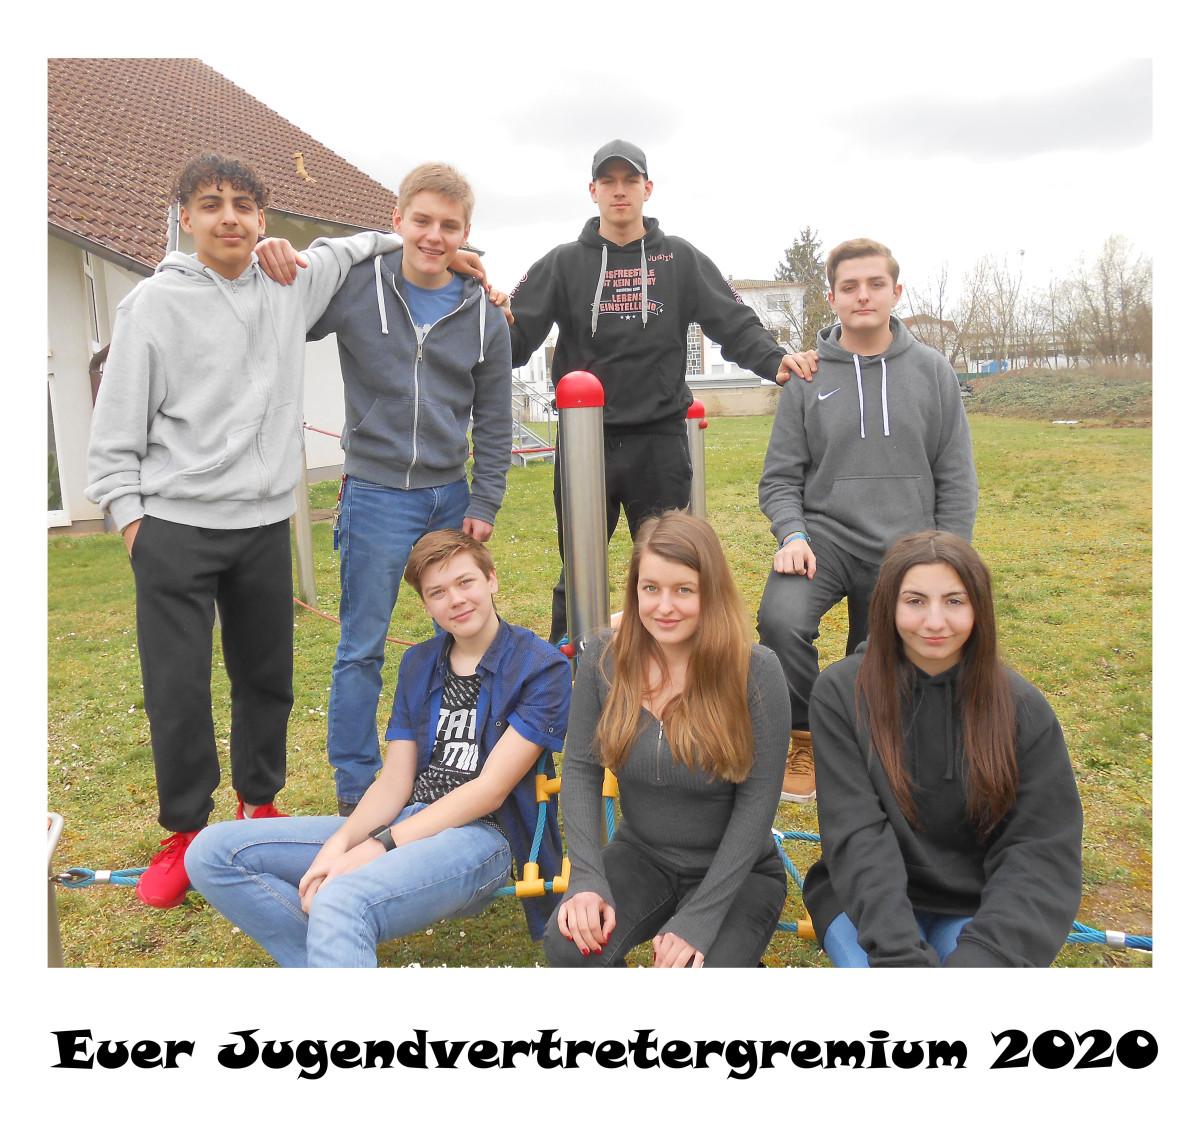 Jugendvertreter 2020